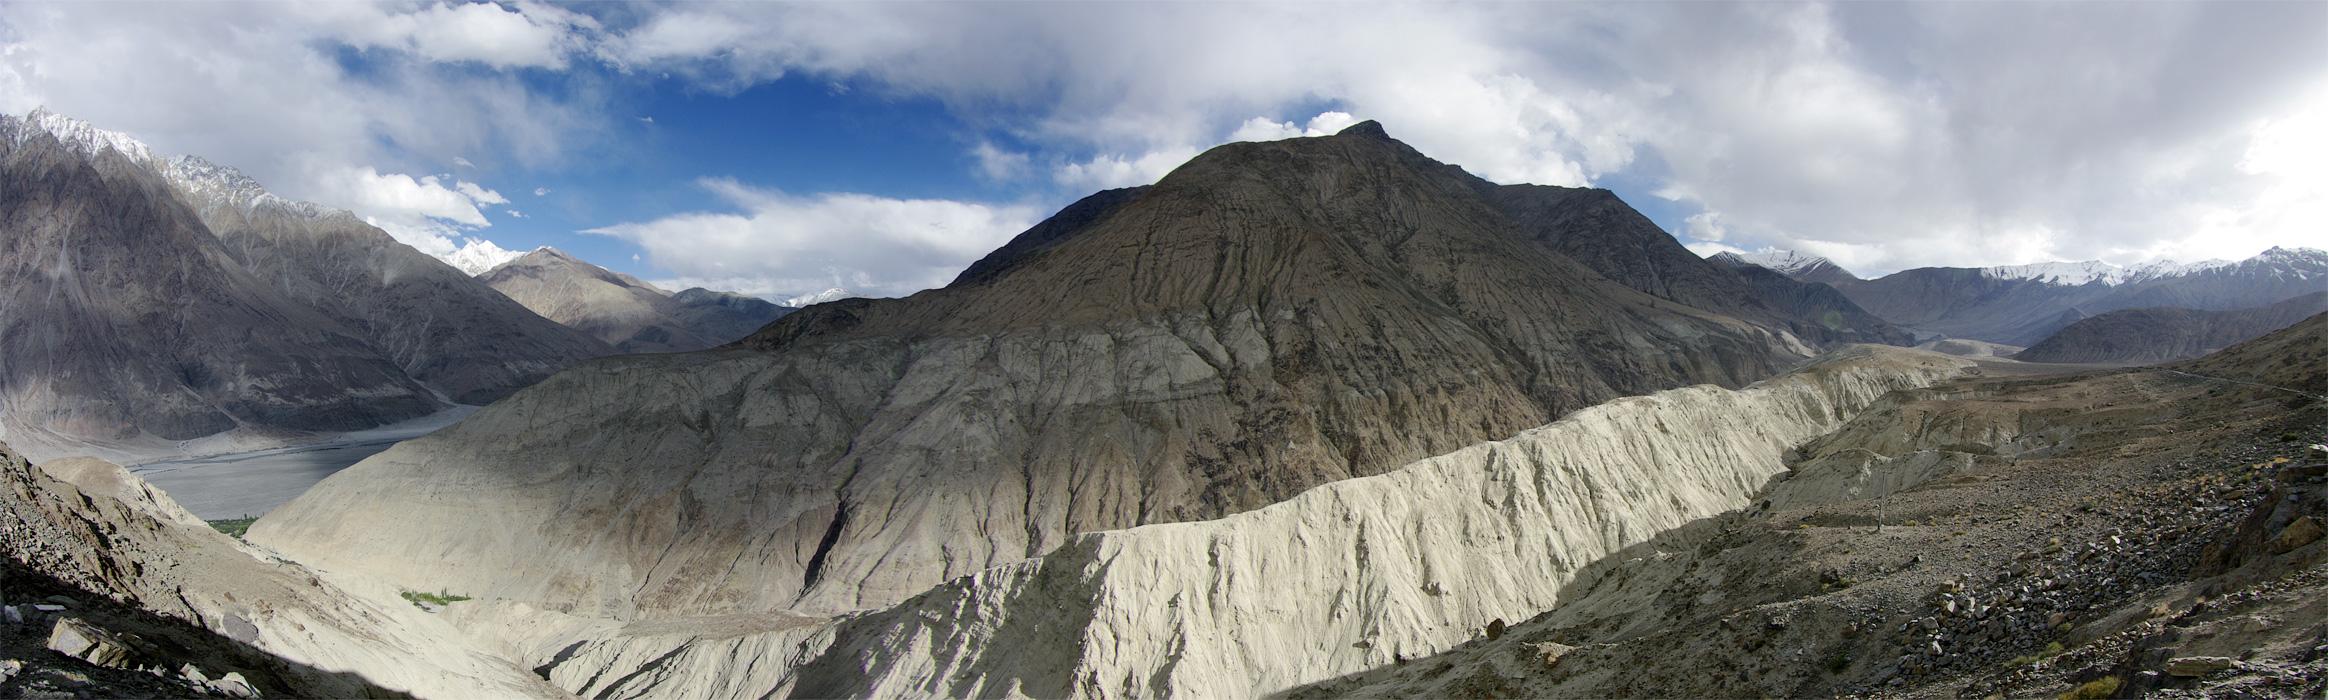 Спуск в Долину Нубра с перевала Хардунг Ла. Ладакх, Индия. Панорамы Гималаев